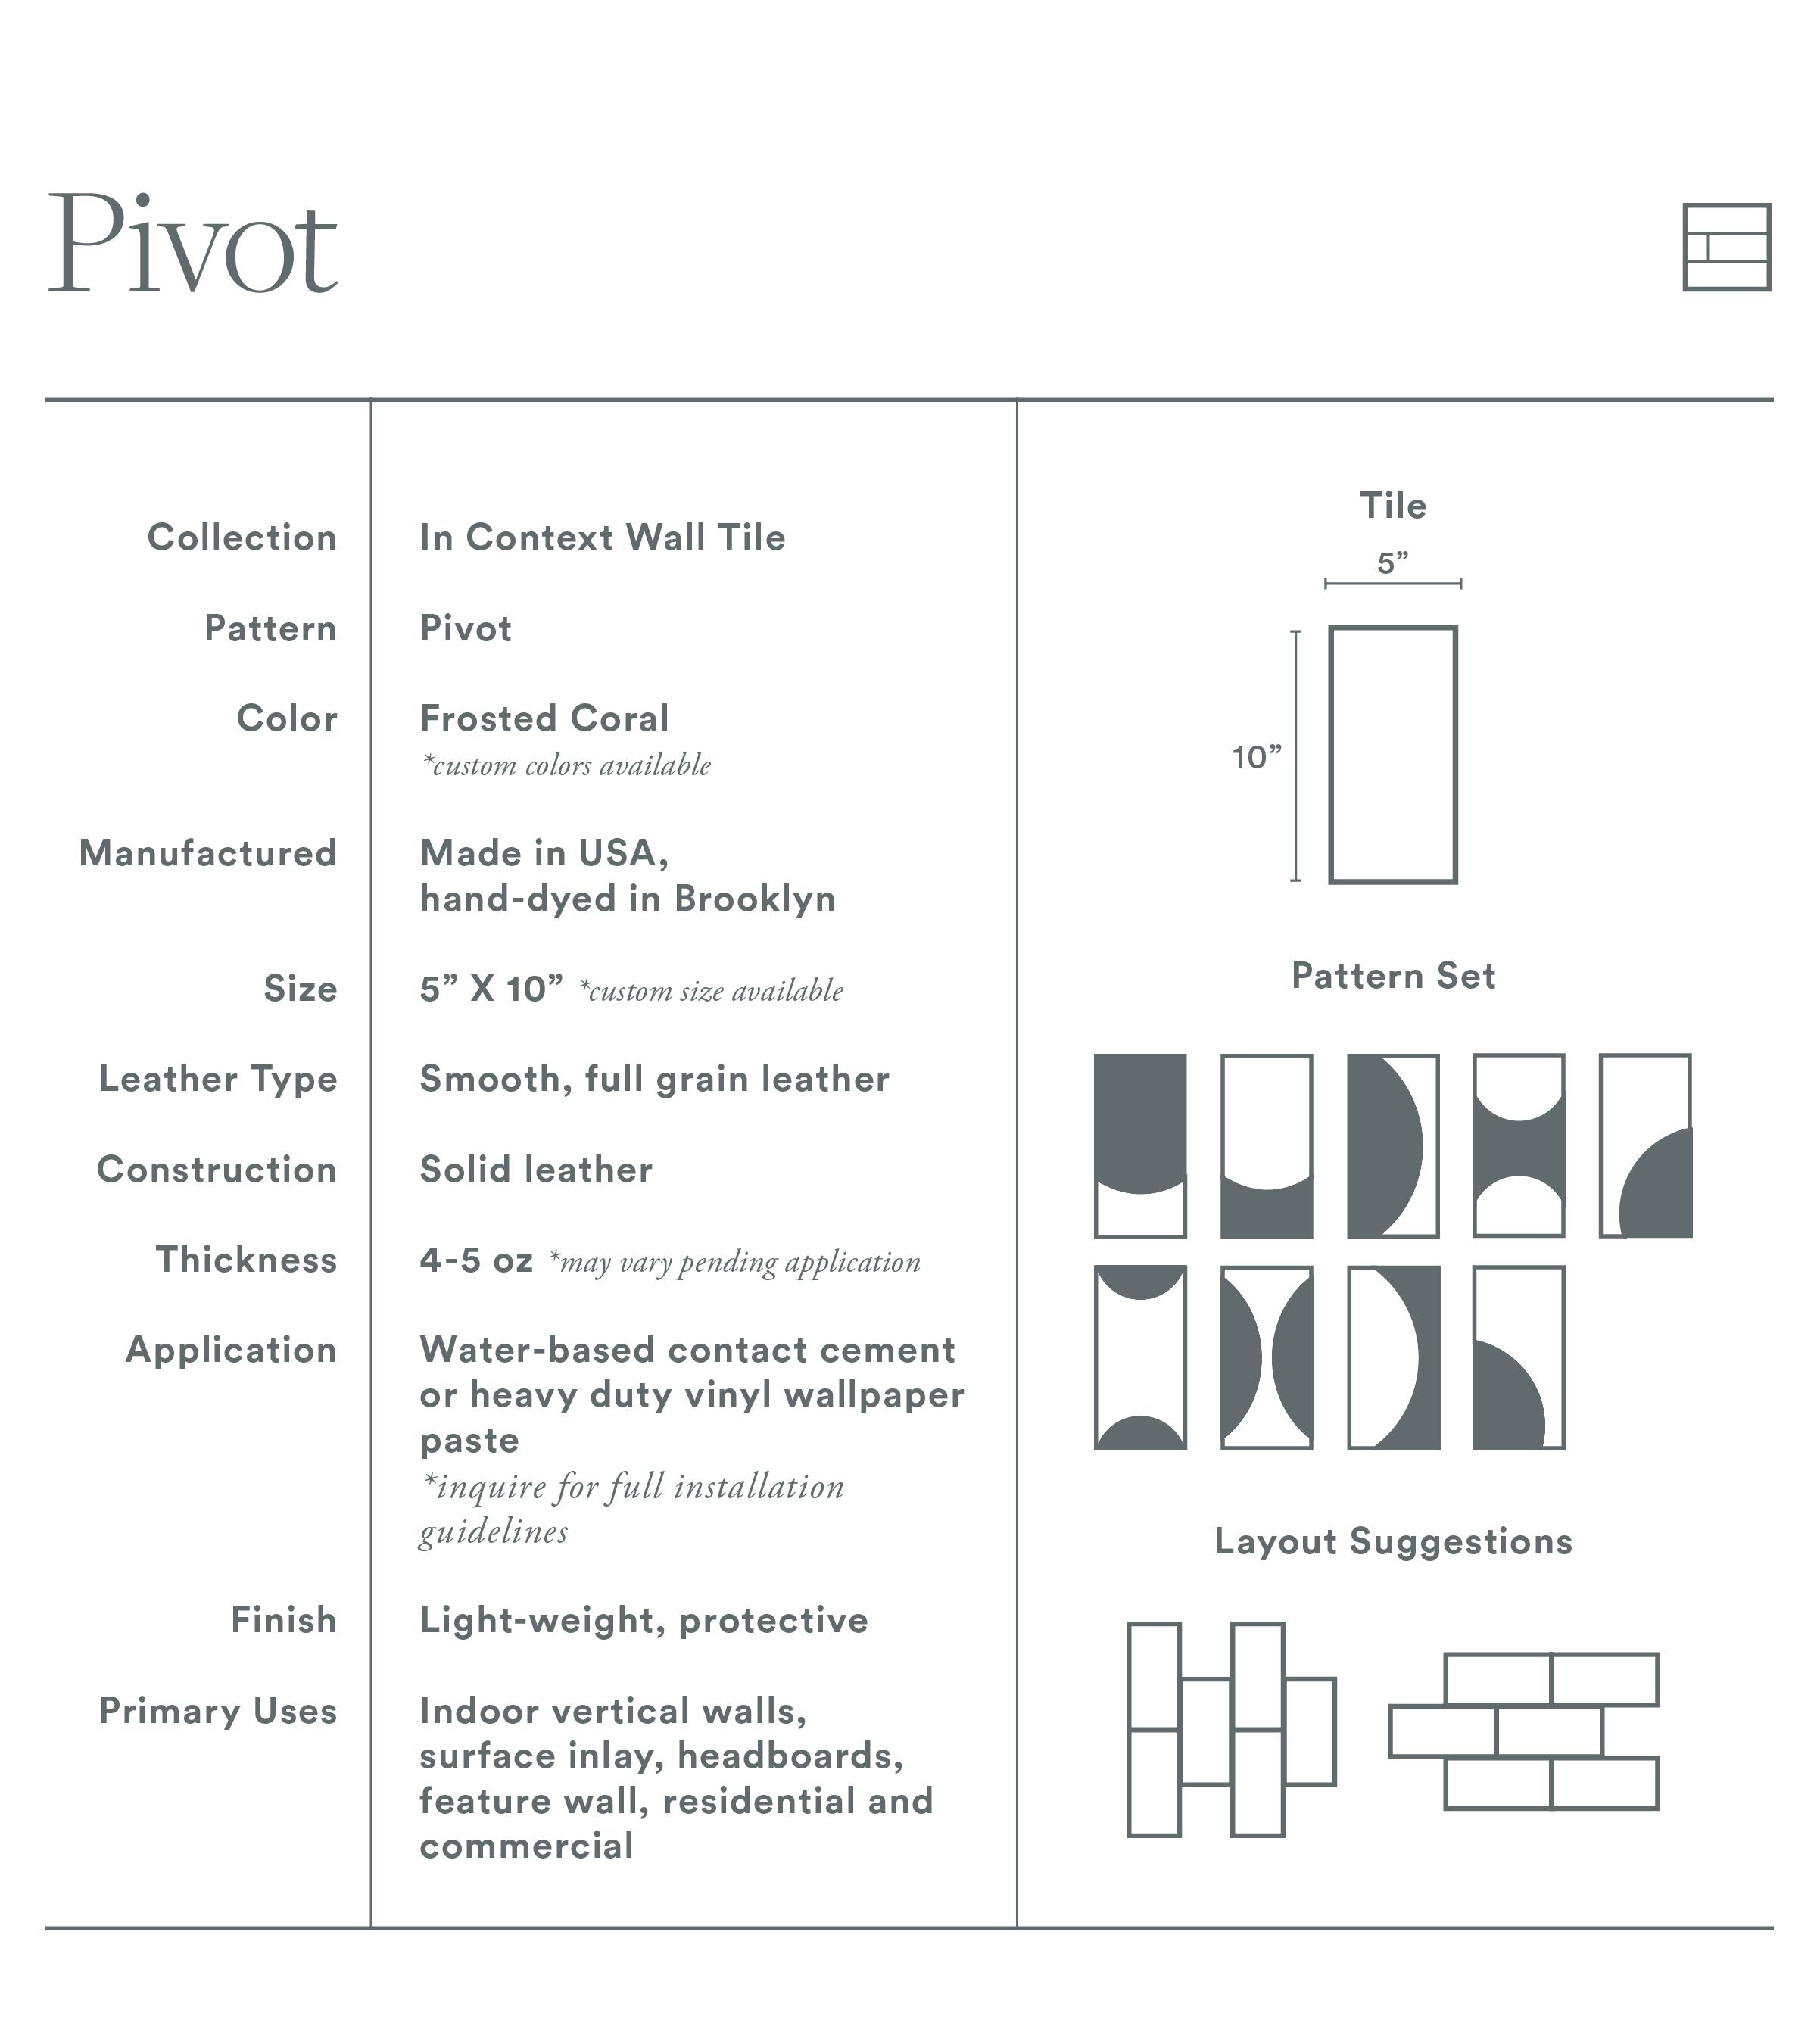 Pivot Tile